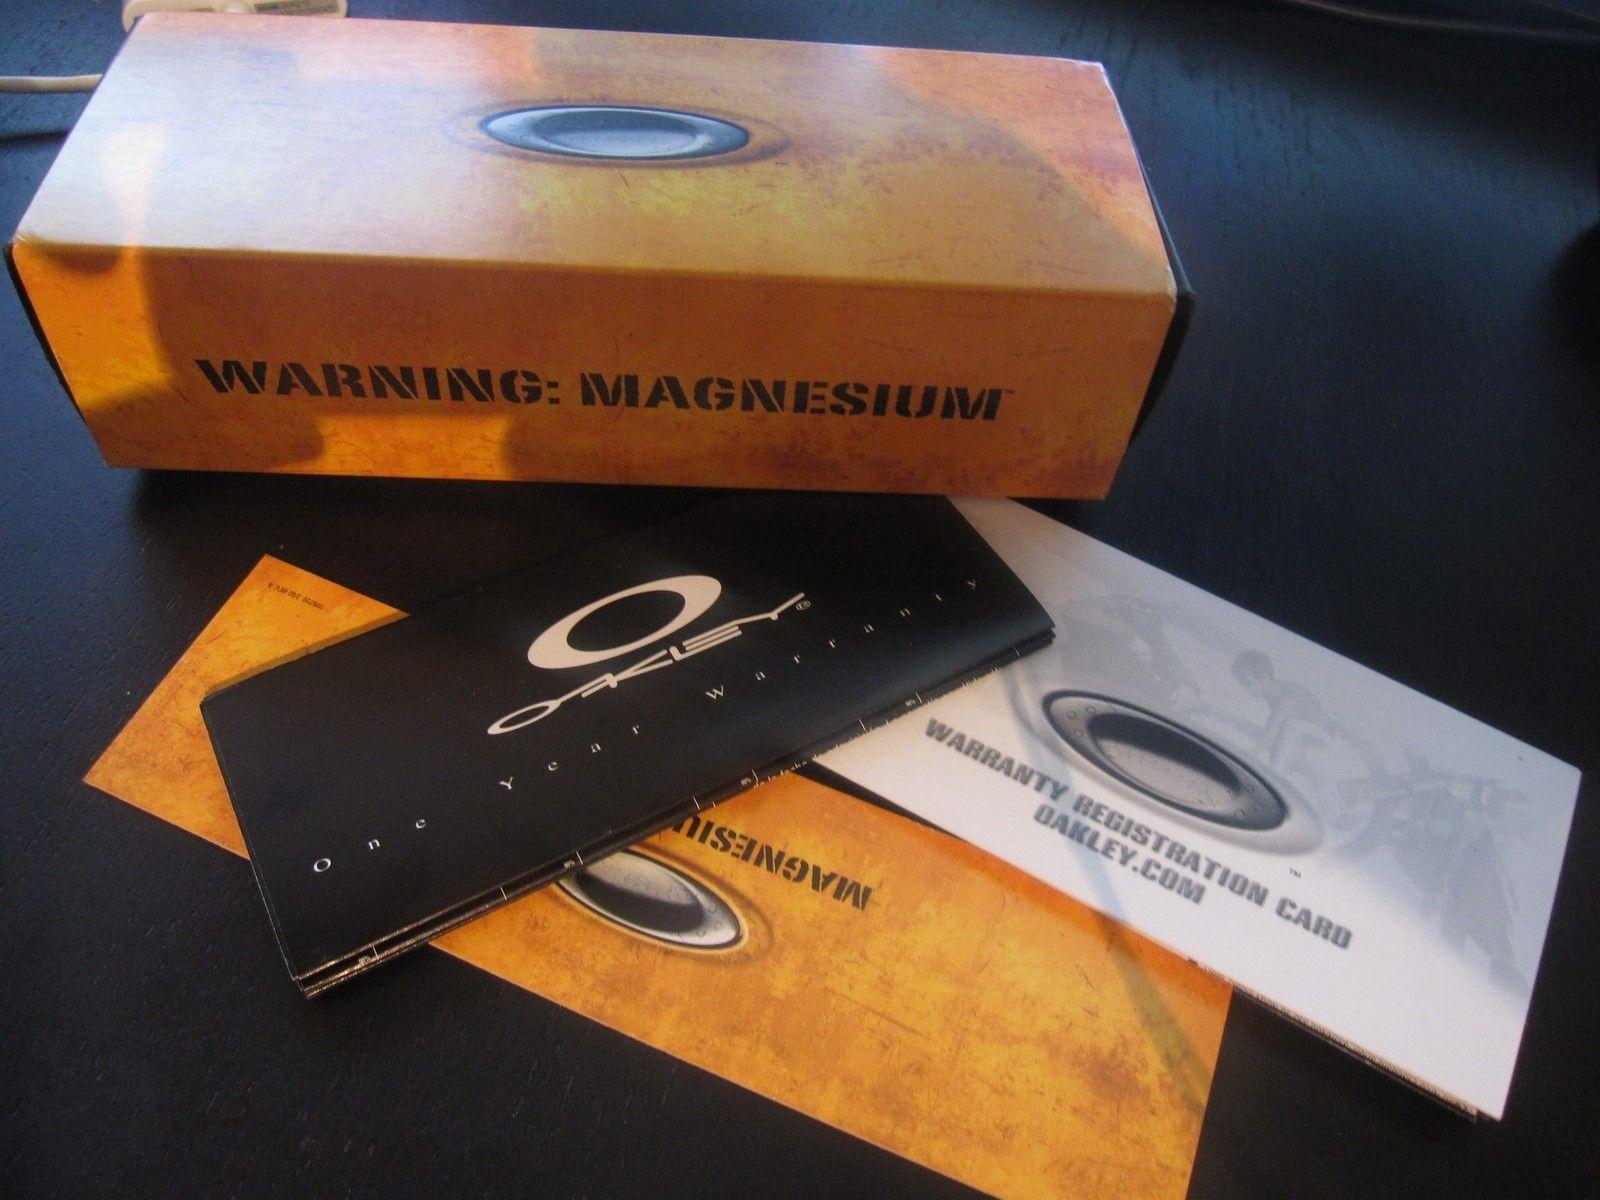 Four S Magnesium - Dark Carbide / BI box + extras - IMG_2640.JPG